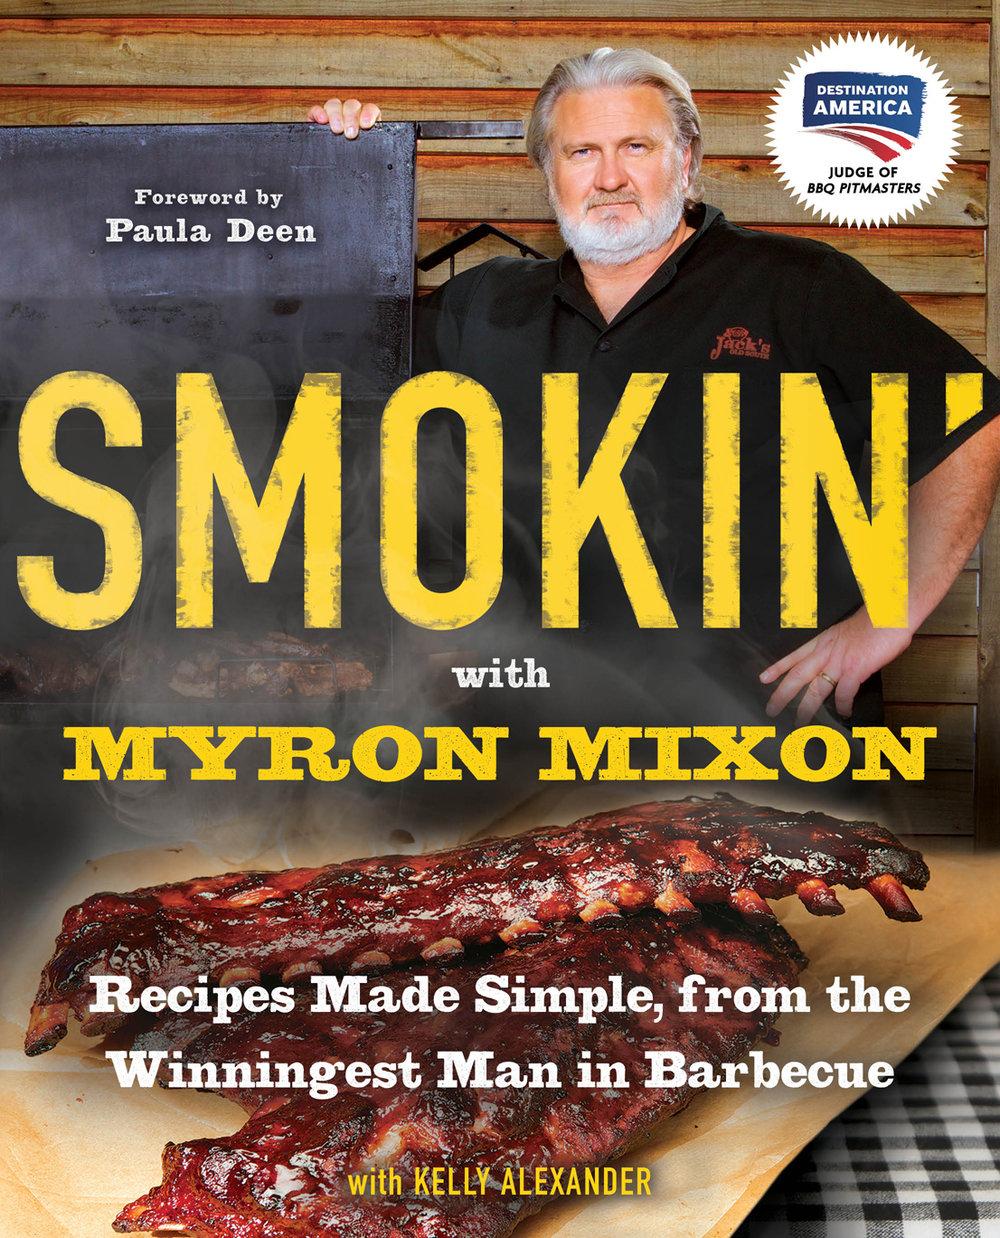 MMixon_Smokin.jpg